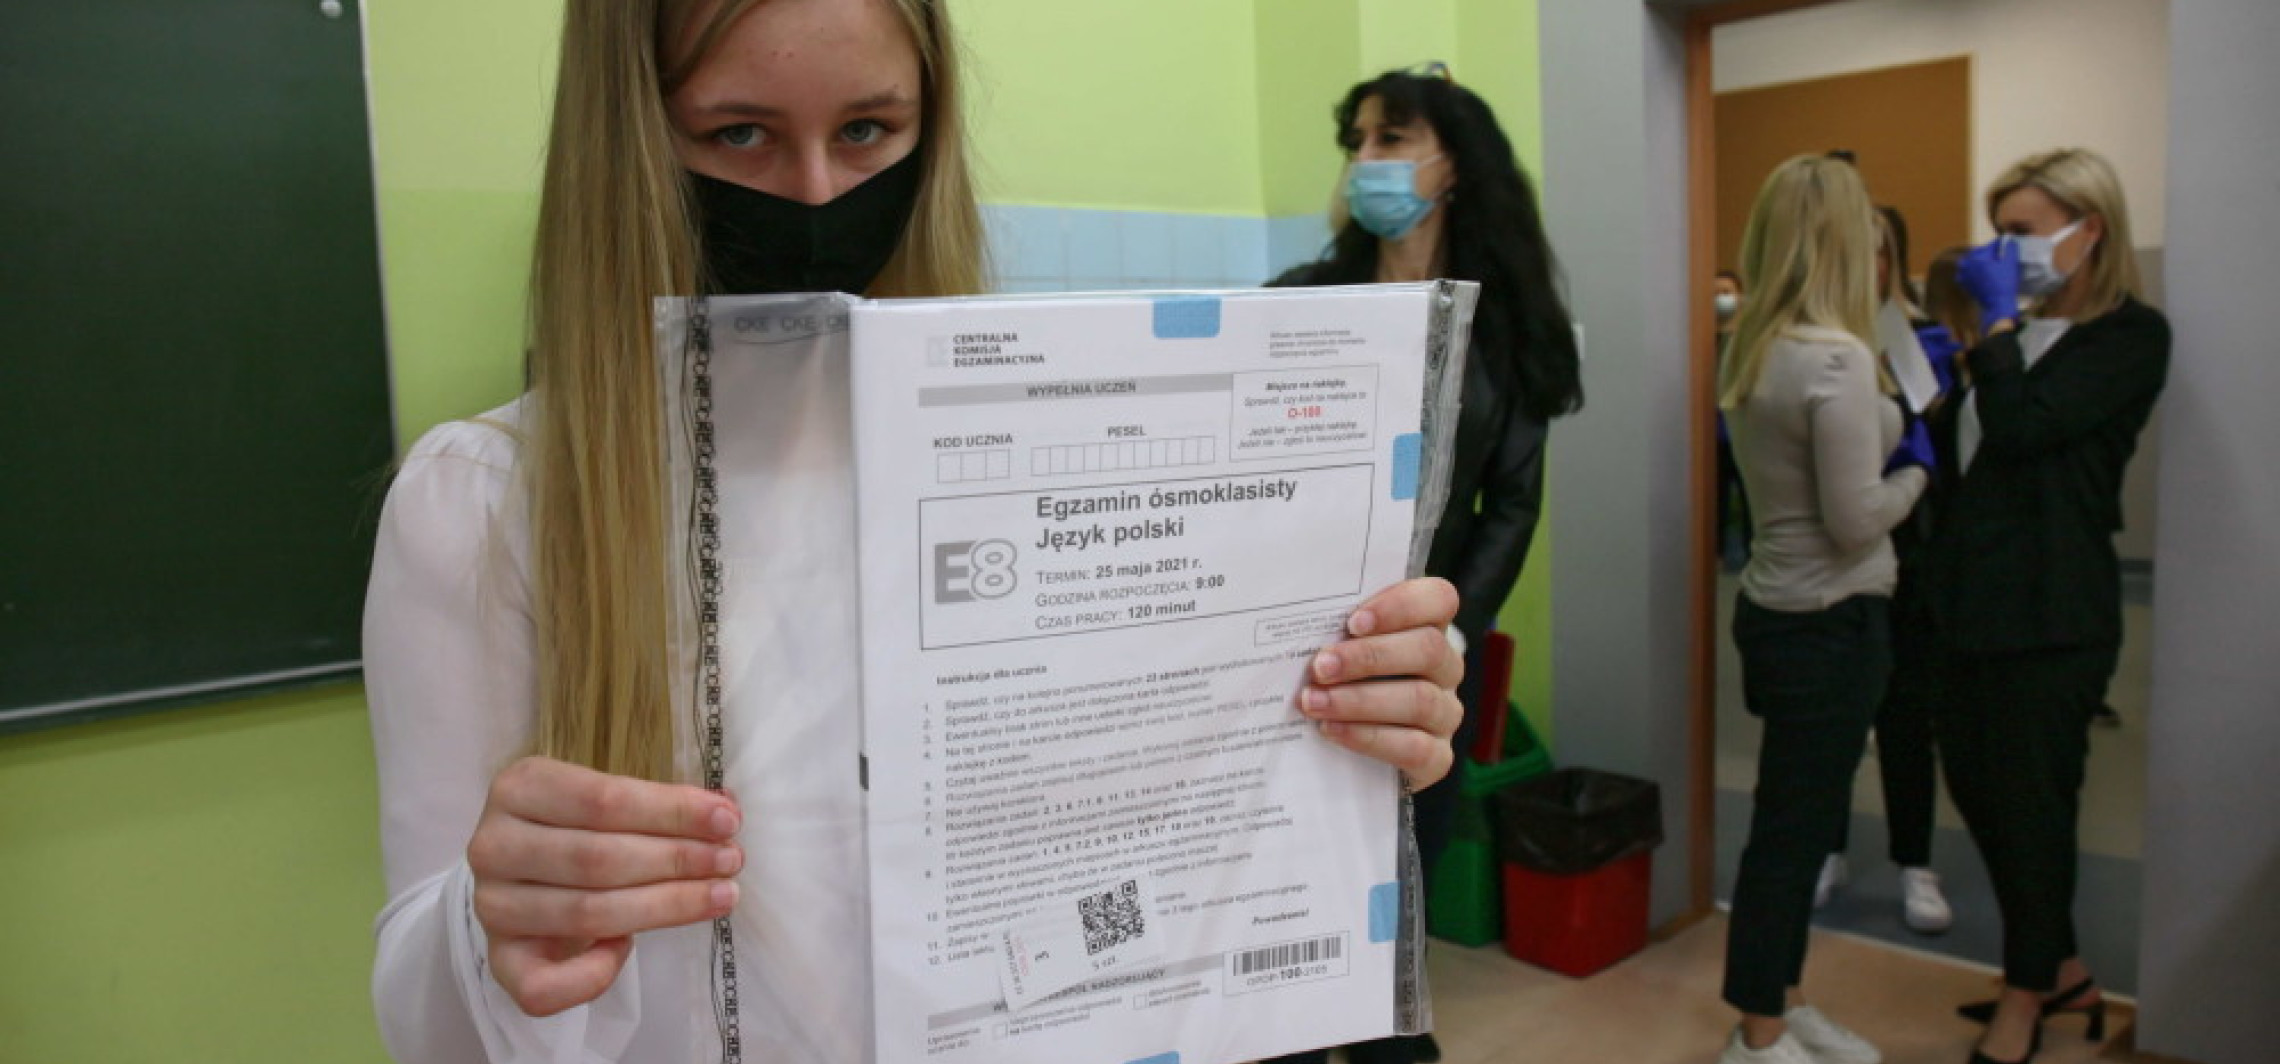 Kraj - Egzaminem z języka polskiego rozpoczął się trzydniowy egzamin ósmoklasisty